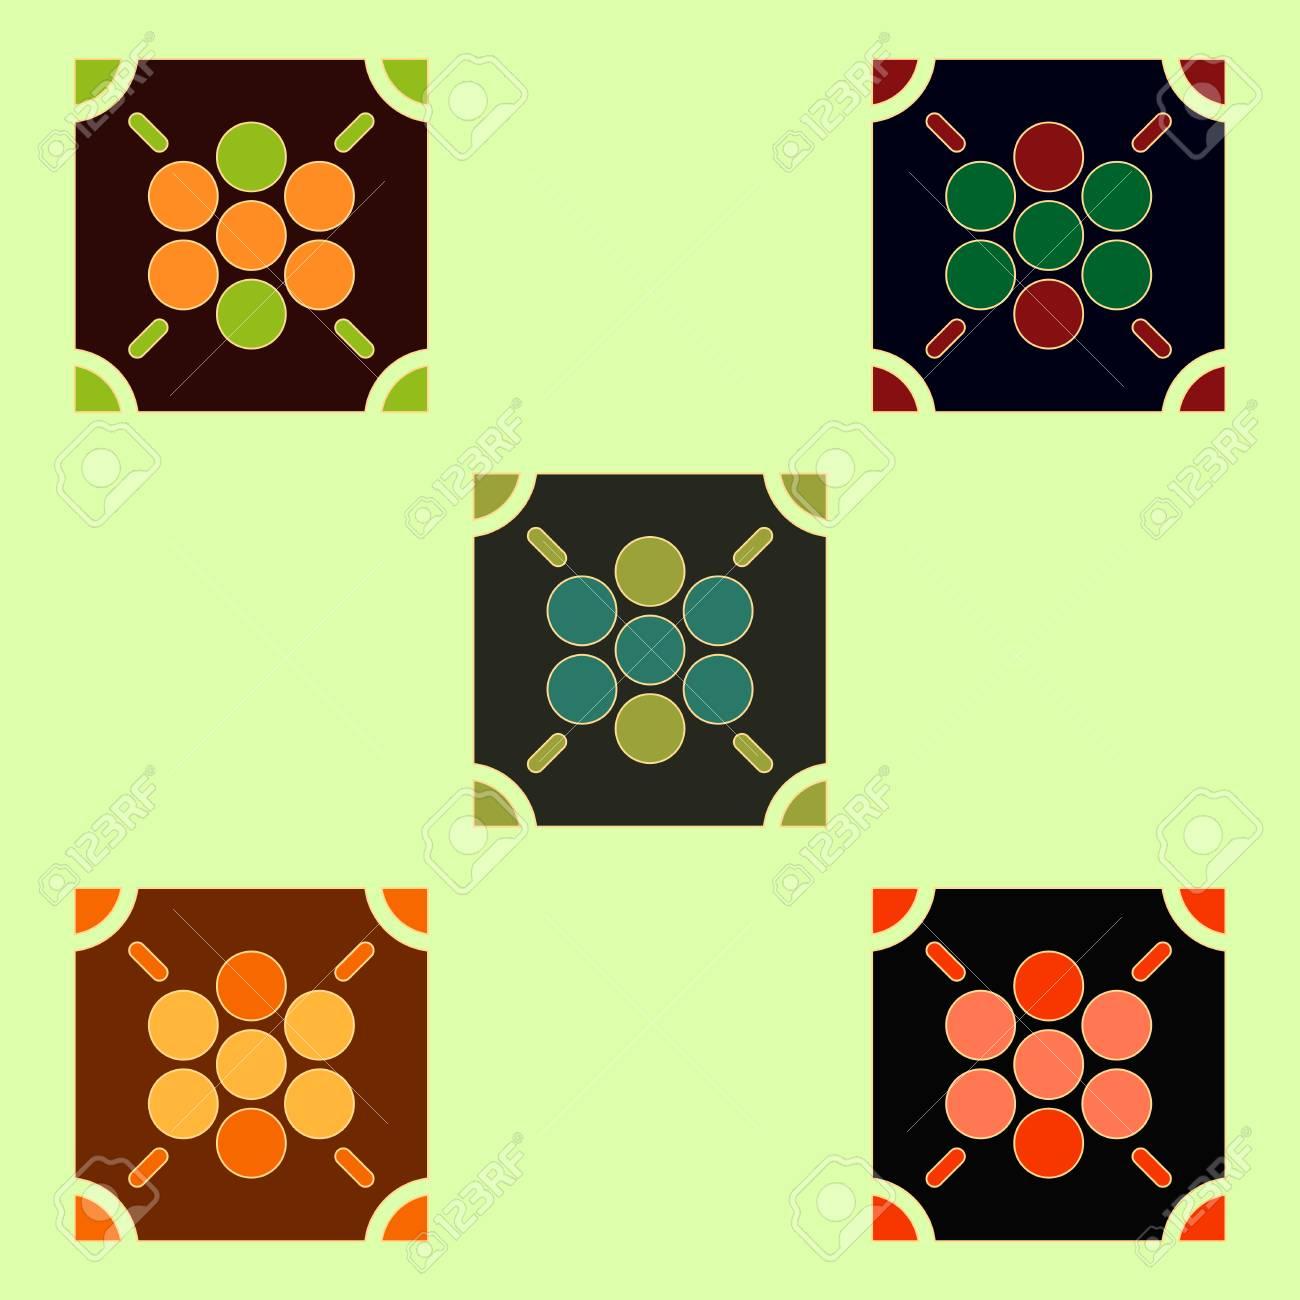 Ludo Coleccion De Juegos De Mesa Ilustraciones Vectoriales Clip Art